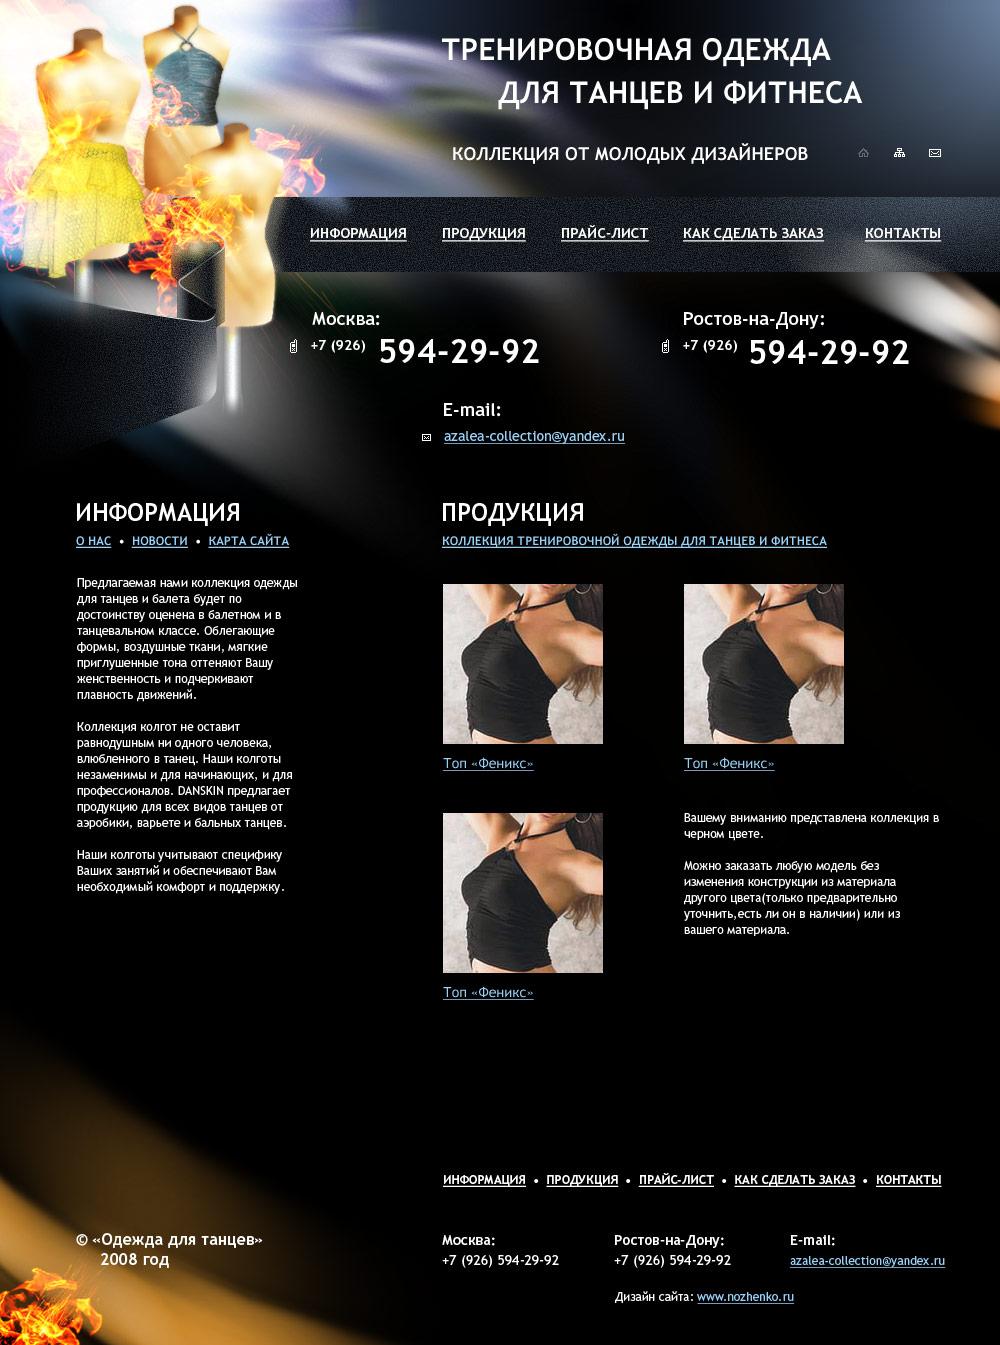 Одежда для танцев. Дизайн сайта